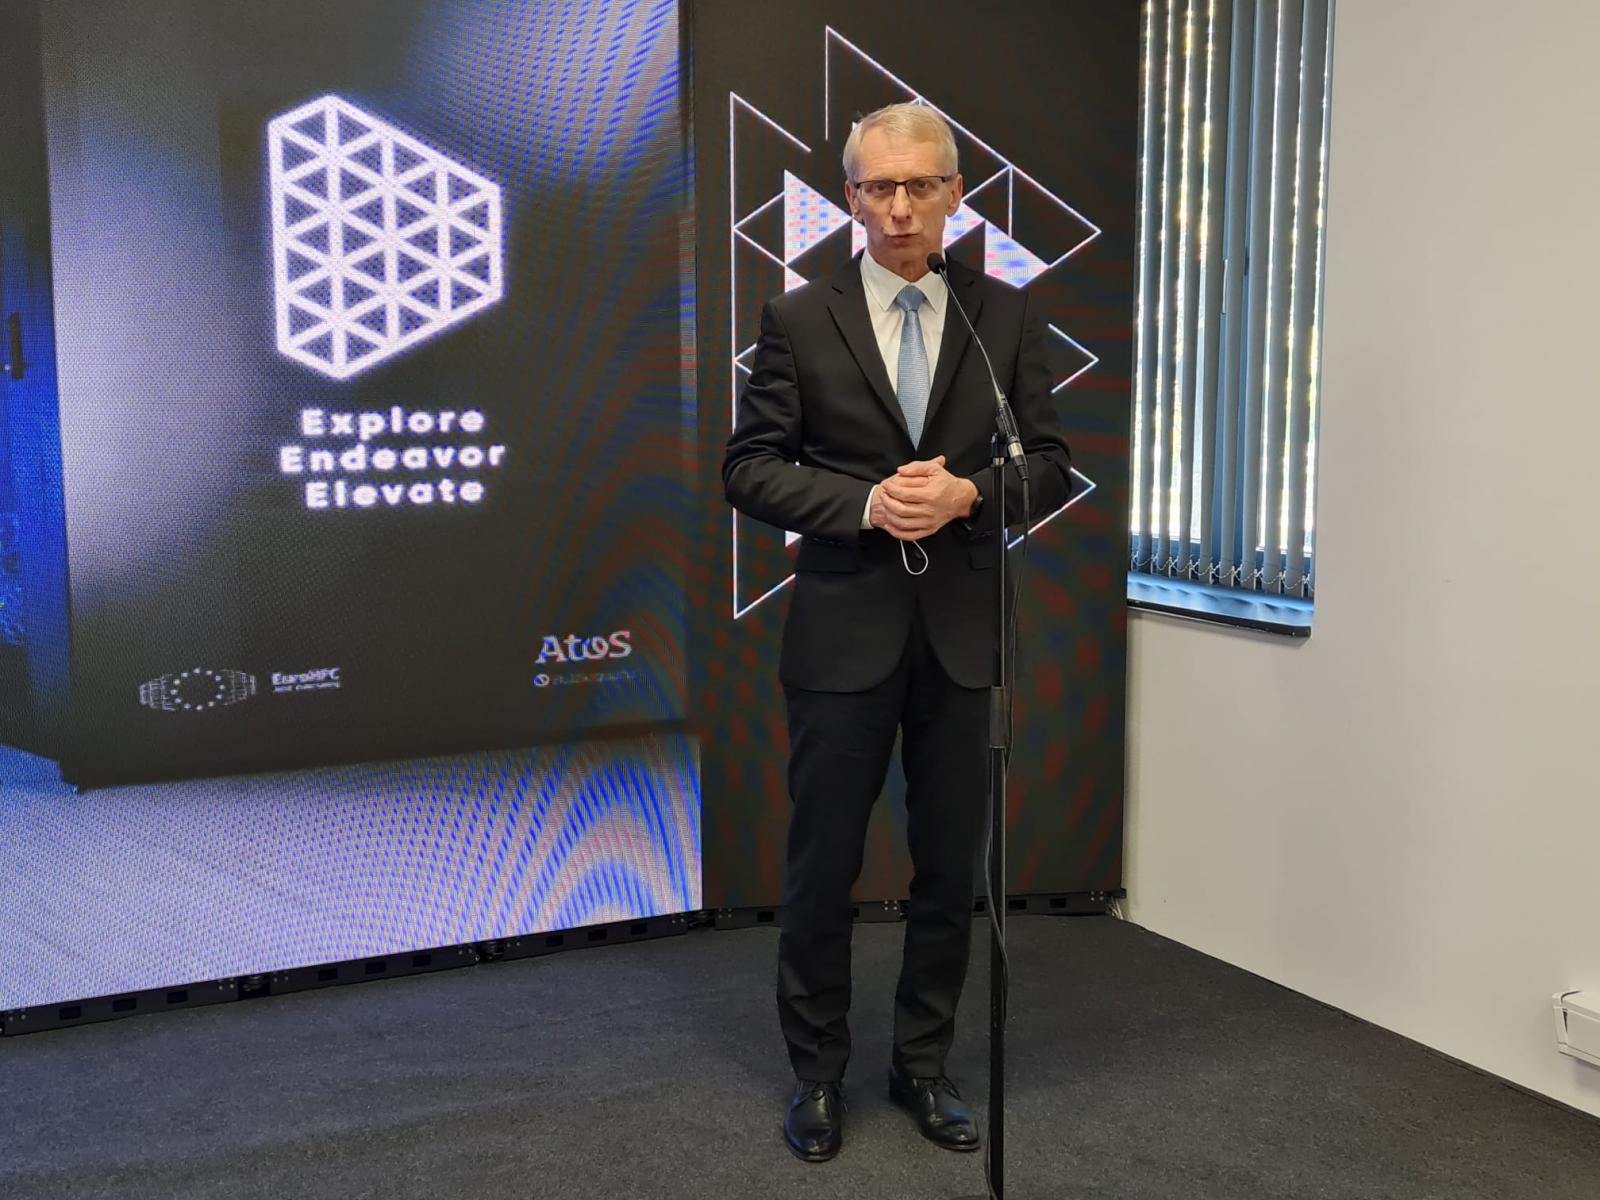 Bulgaristan'da inşa edilen en yeni peta ölçekli süper bilgisayar törenle hizmete girdi